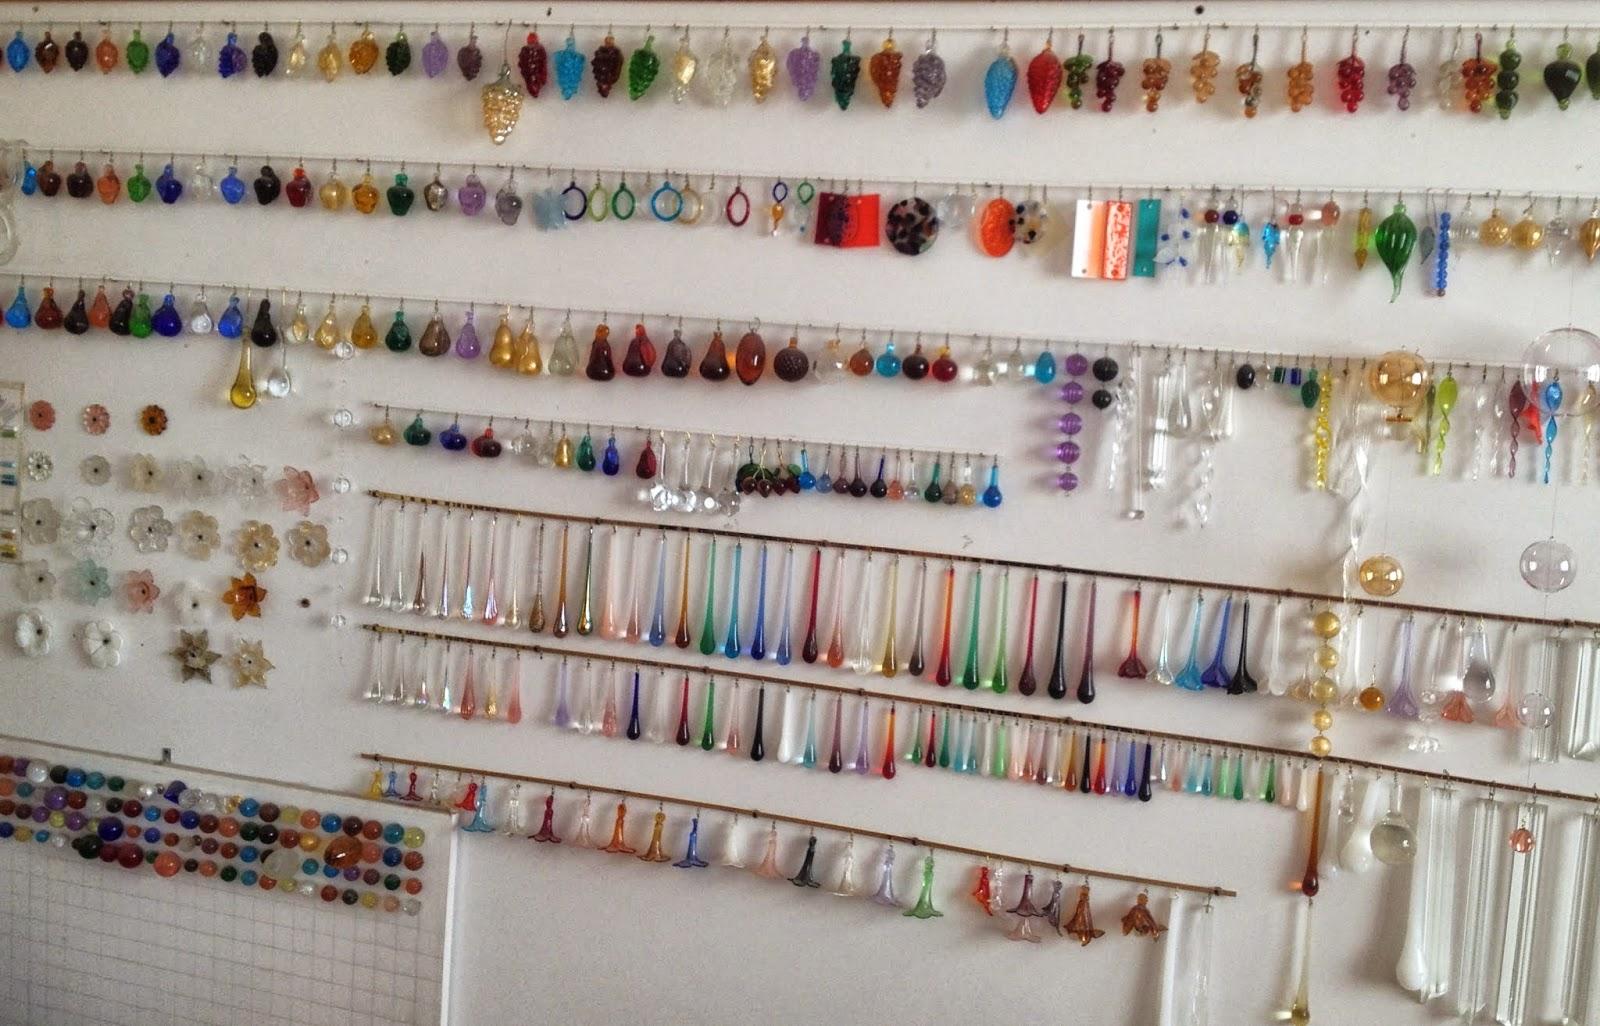 ricambi lampadari vetro : Ricambi per lampadari in vetro di Murano: 17\01\2016 Catalogo ...